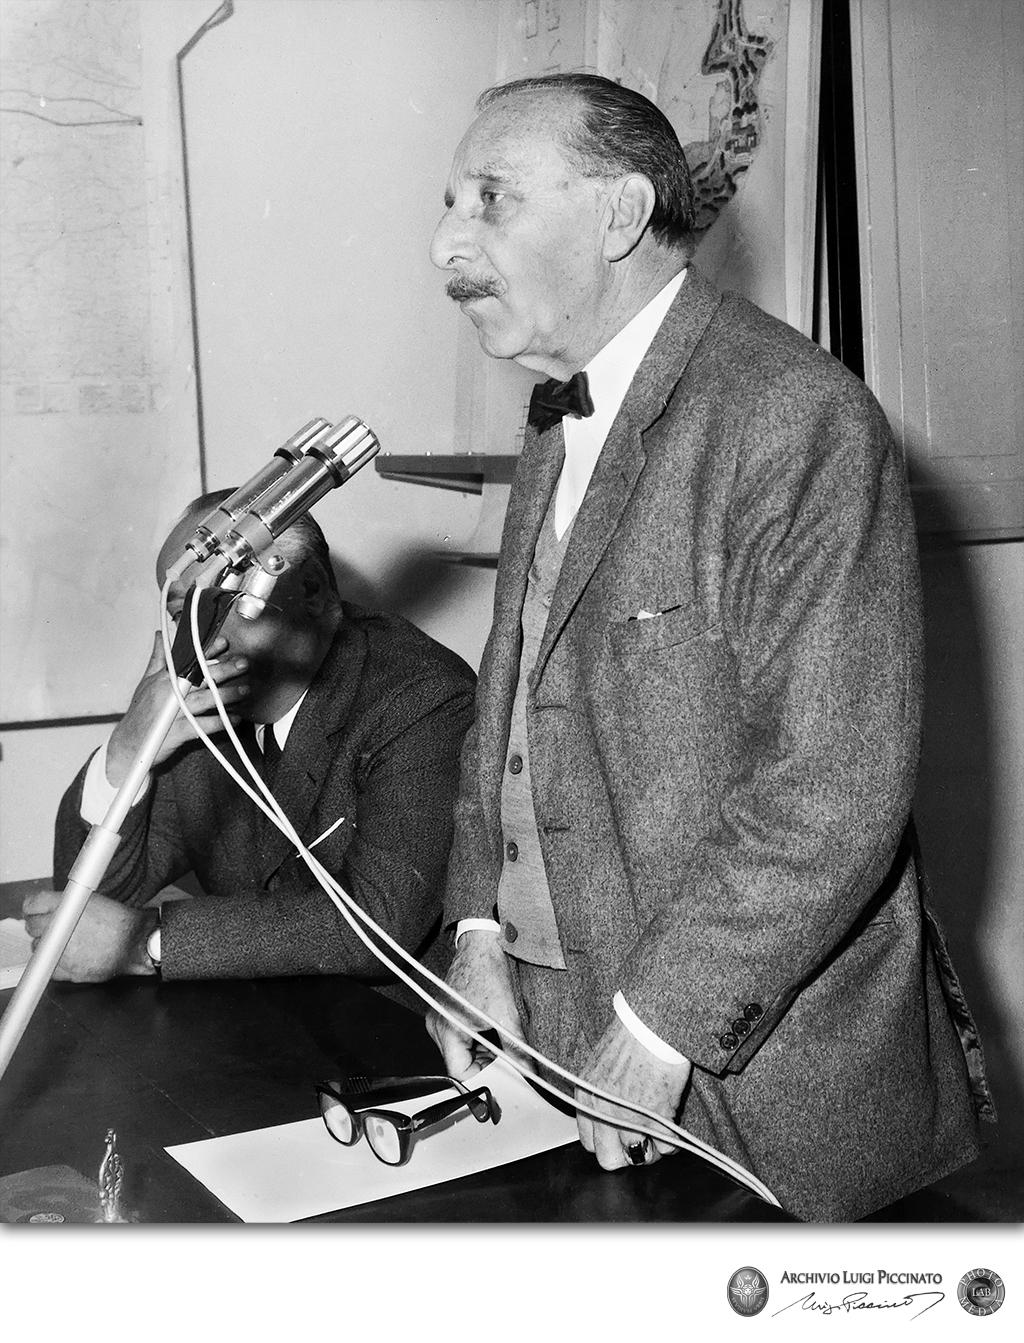 Luigi Piccinato